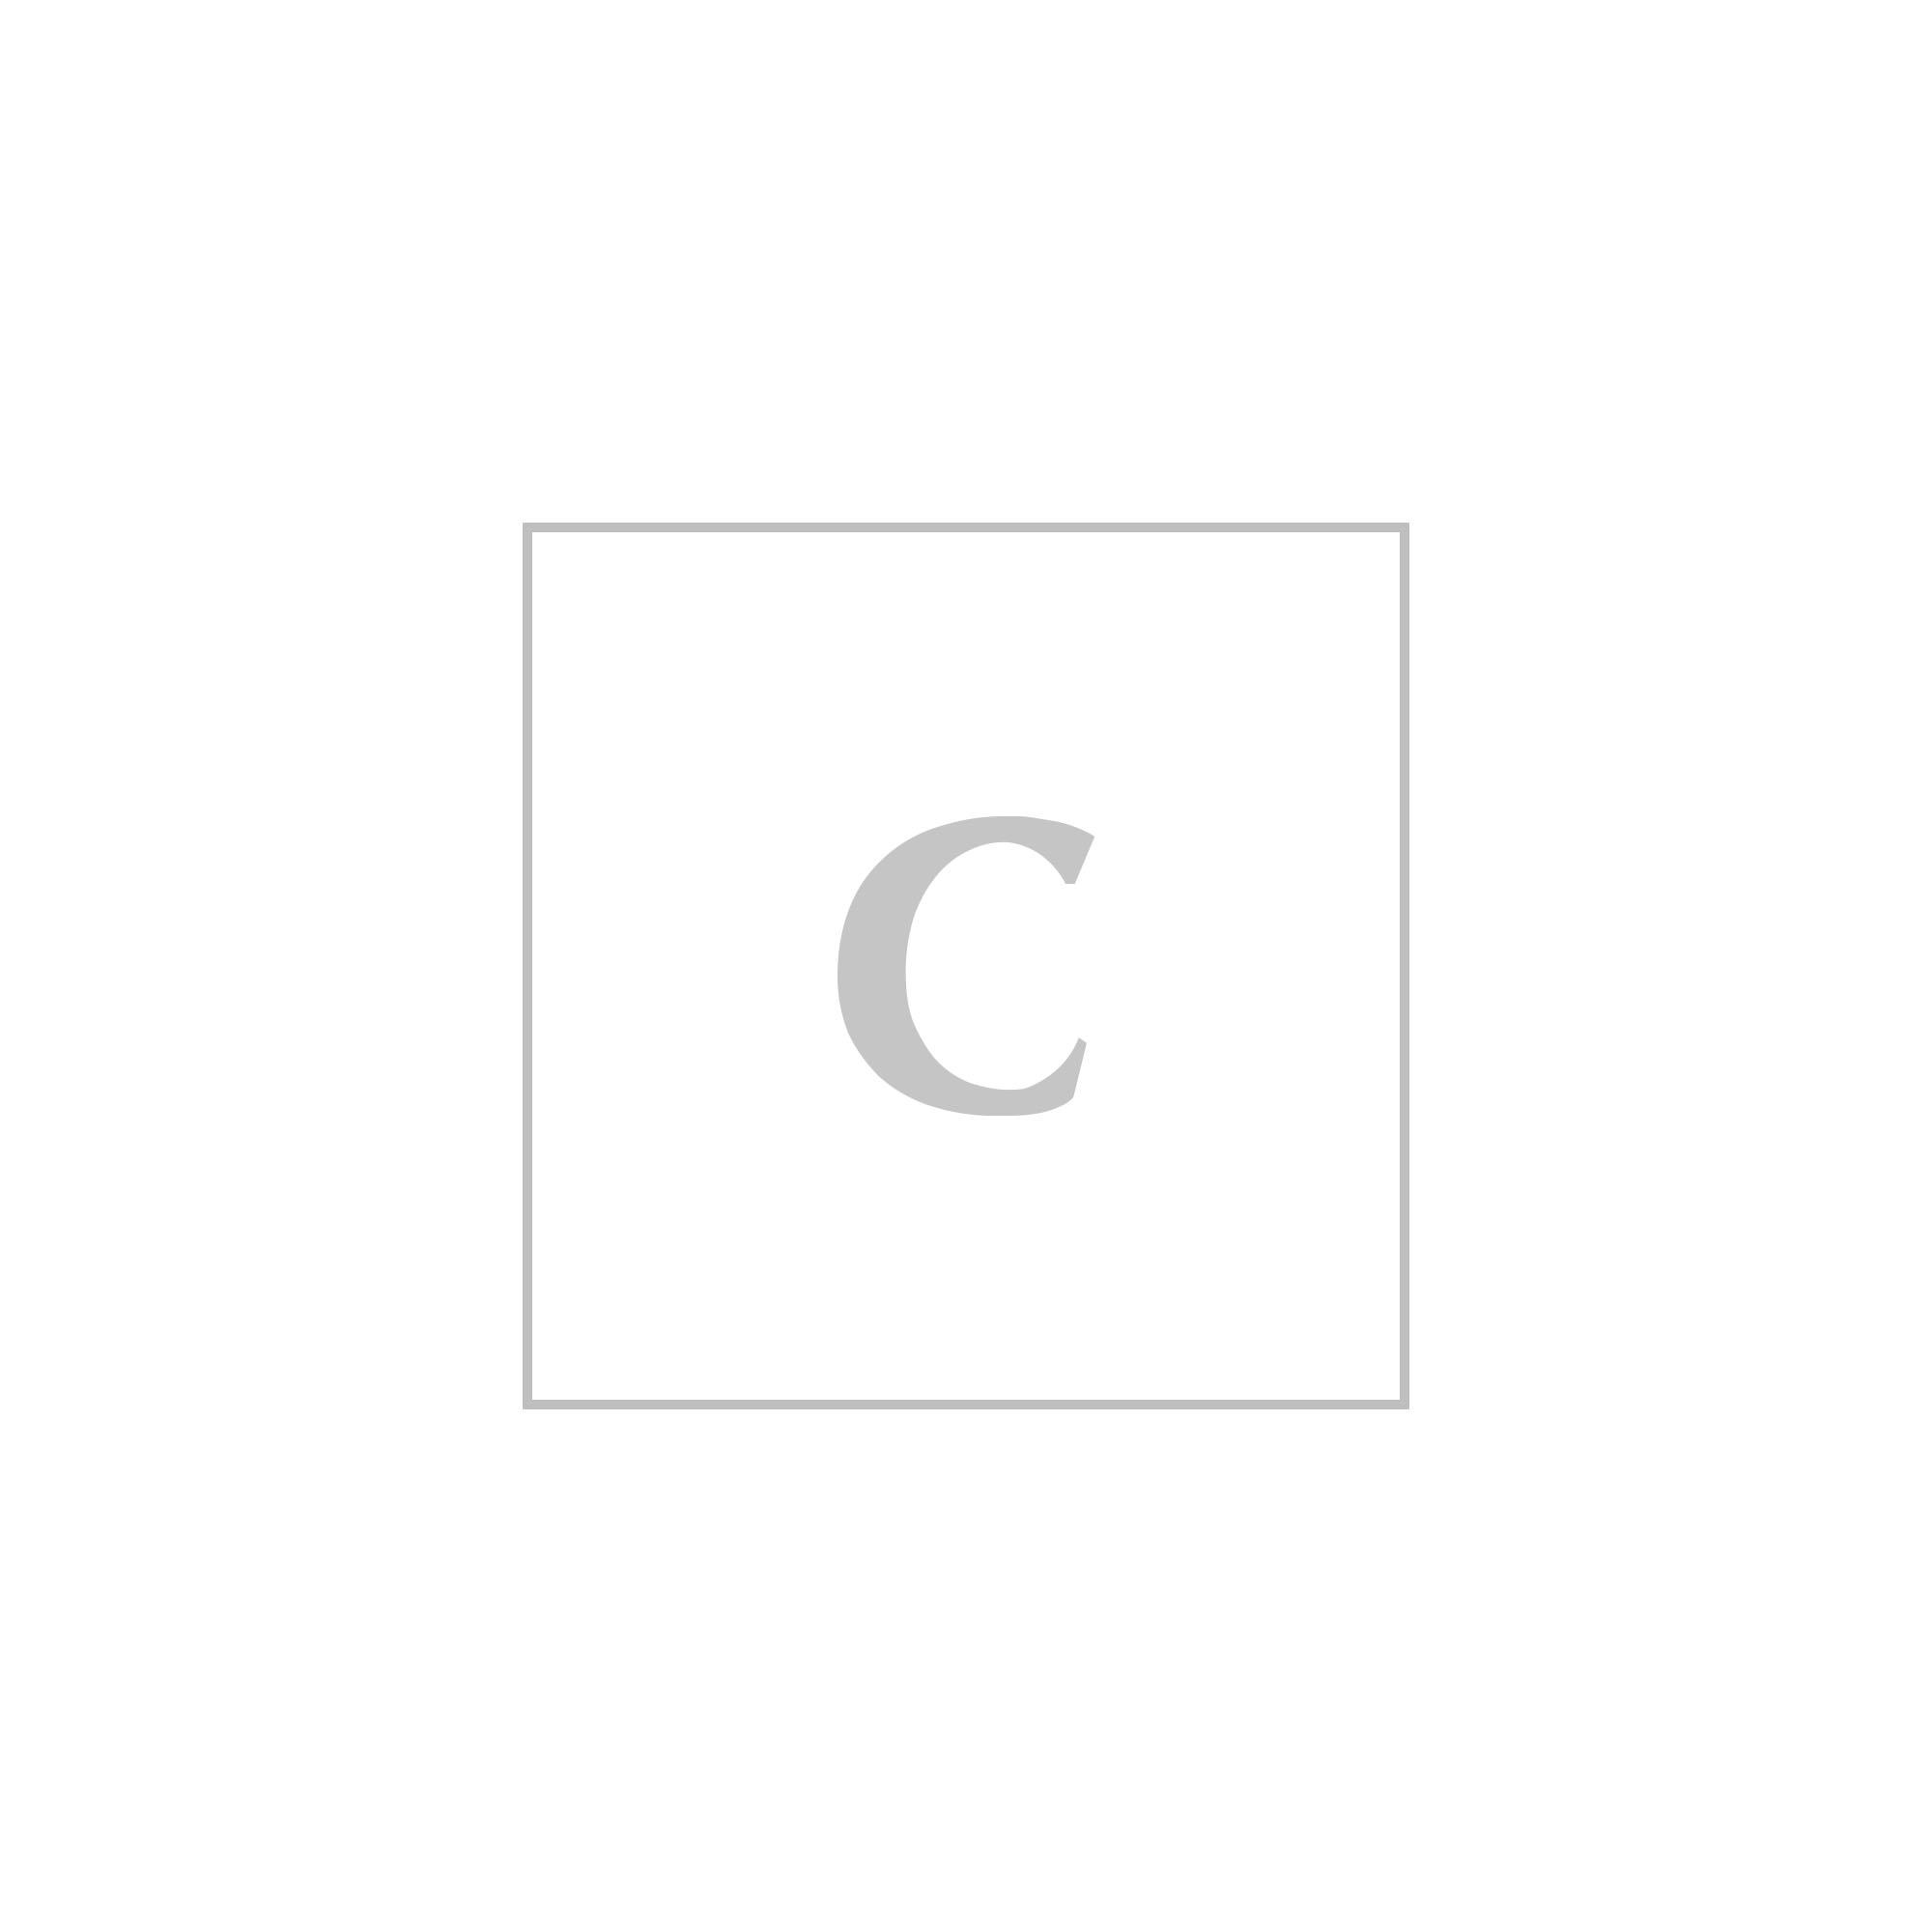 burberry abbigliamento uomo pullover carter con profili check